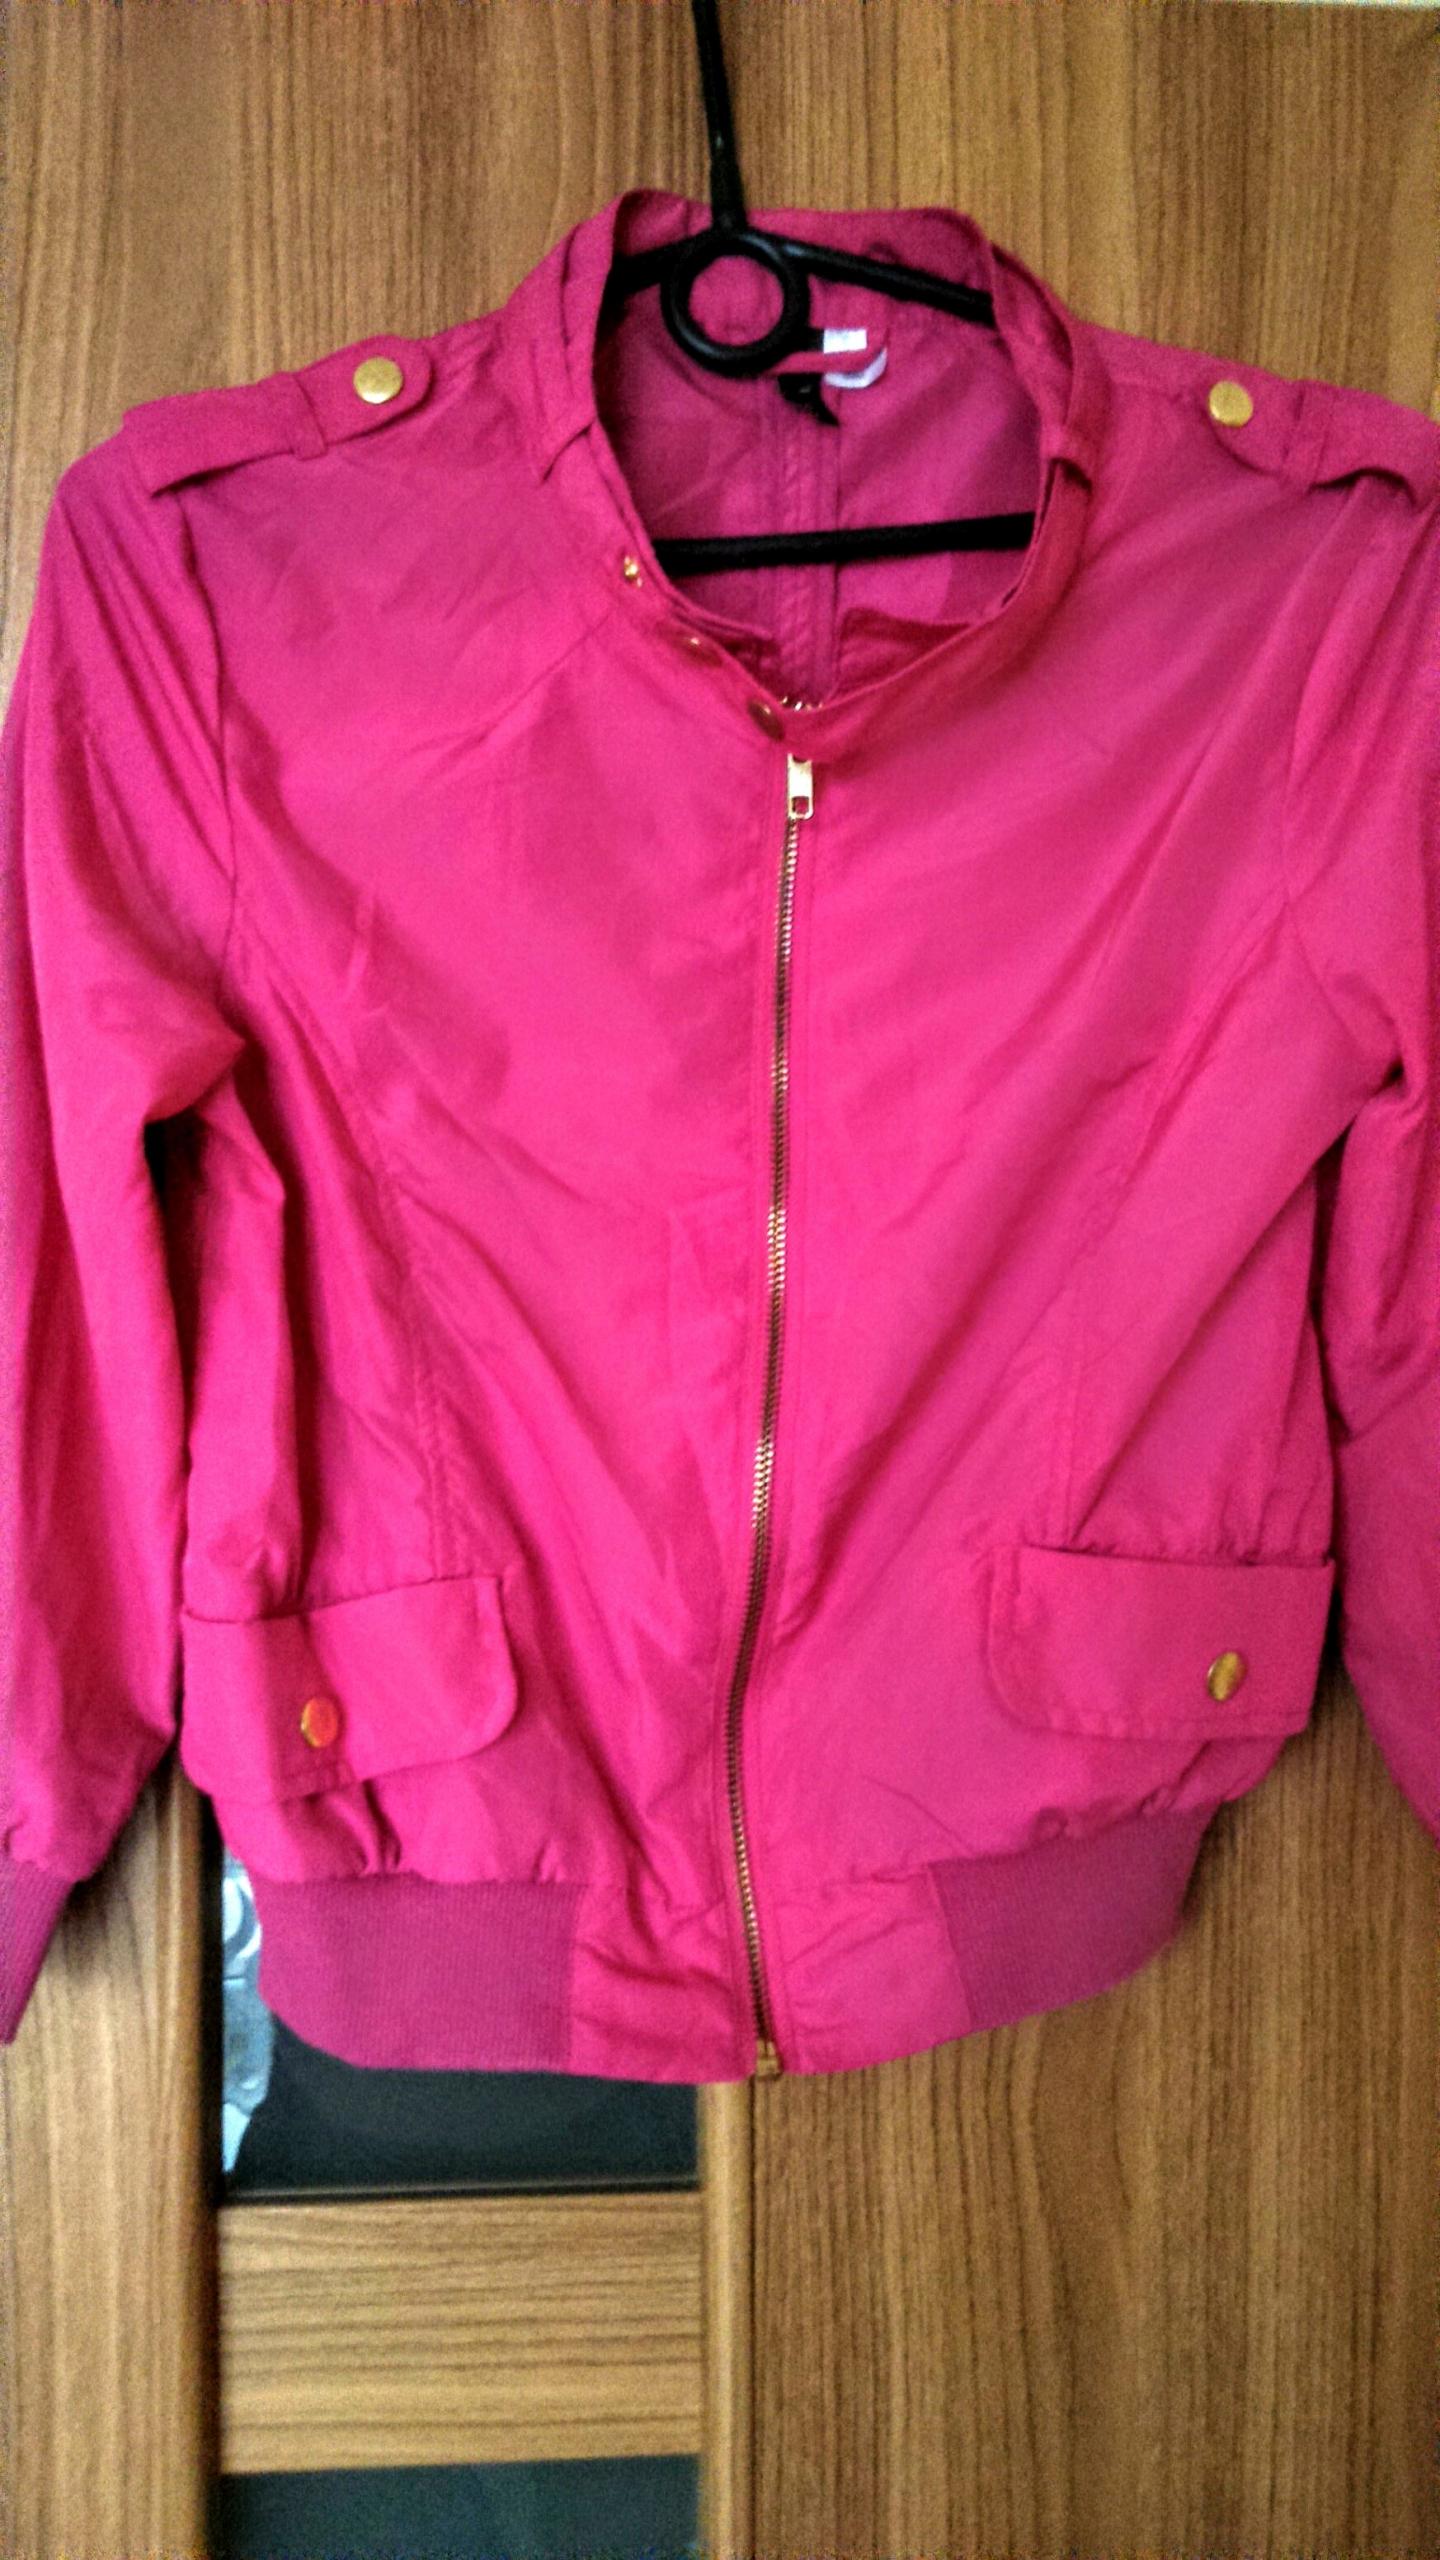 Bluza damska Adidas r. 36 S róż fuksja stójka zamek